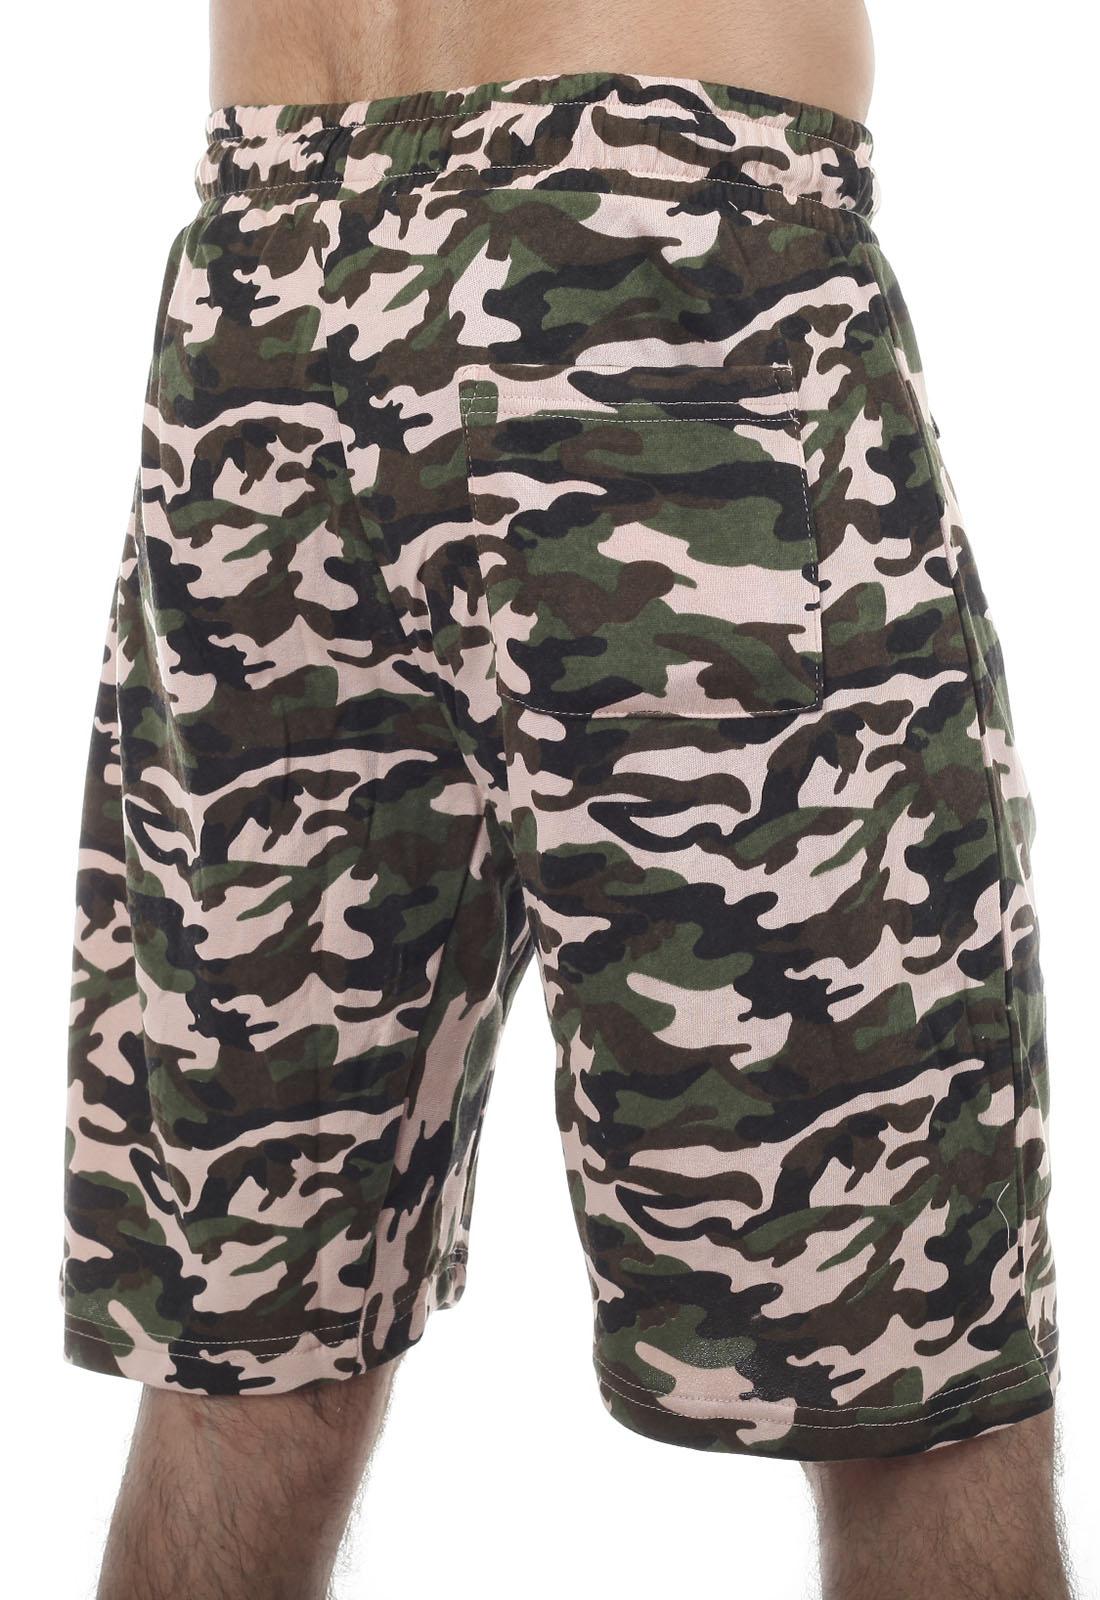 Особенные камуфляжные шорты с карманами и нашивкой ВКС - купить с доставкой